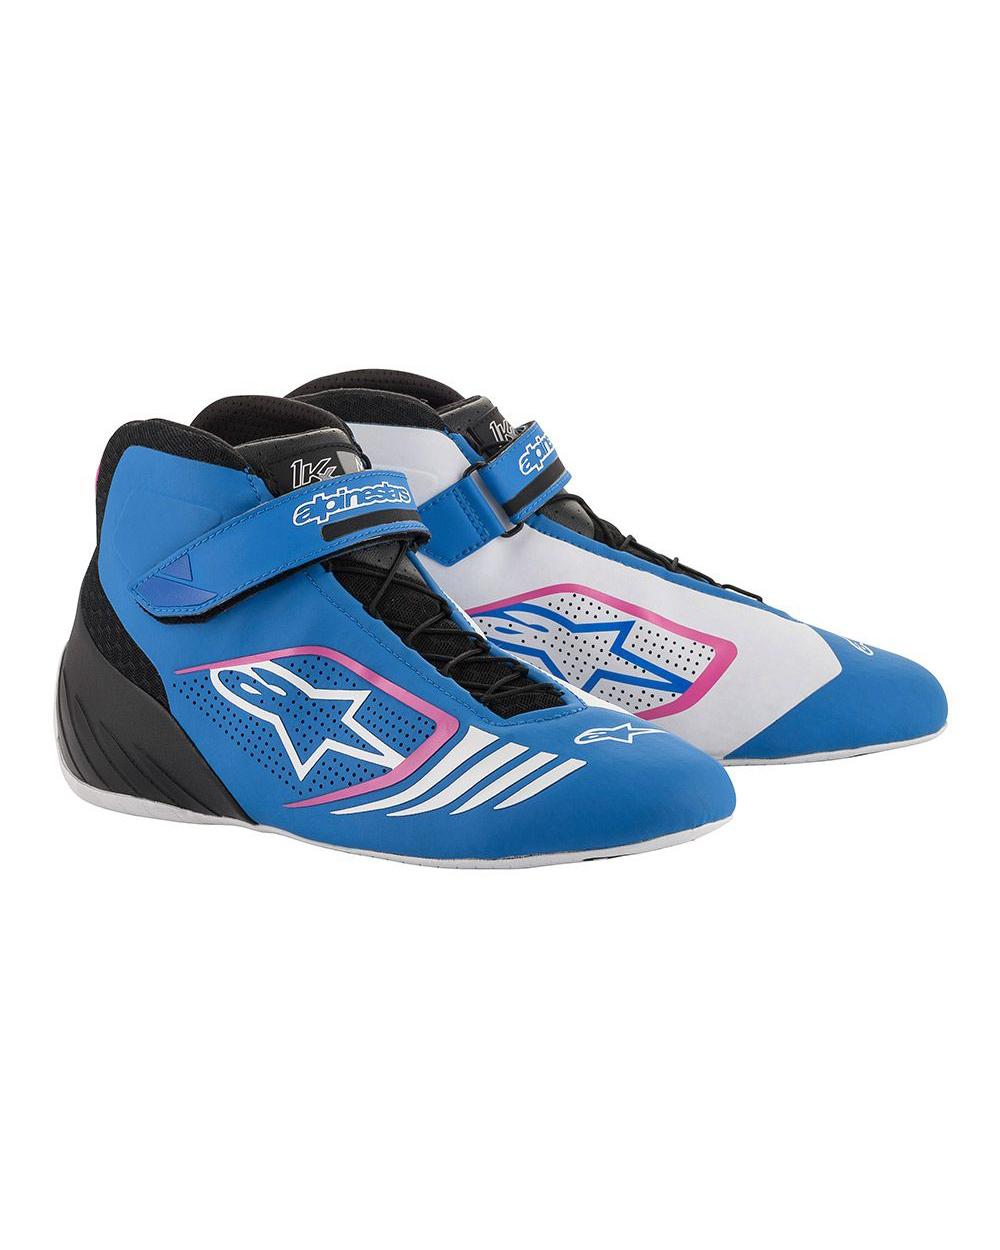 Alpinestars Tech-1 KX Schoenen Blauw Zwart Fuchsia